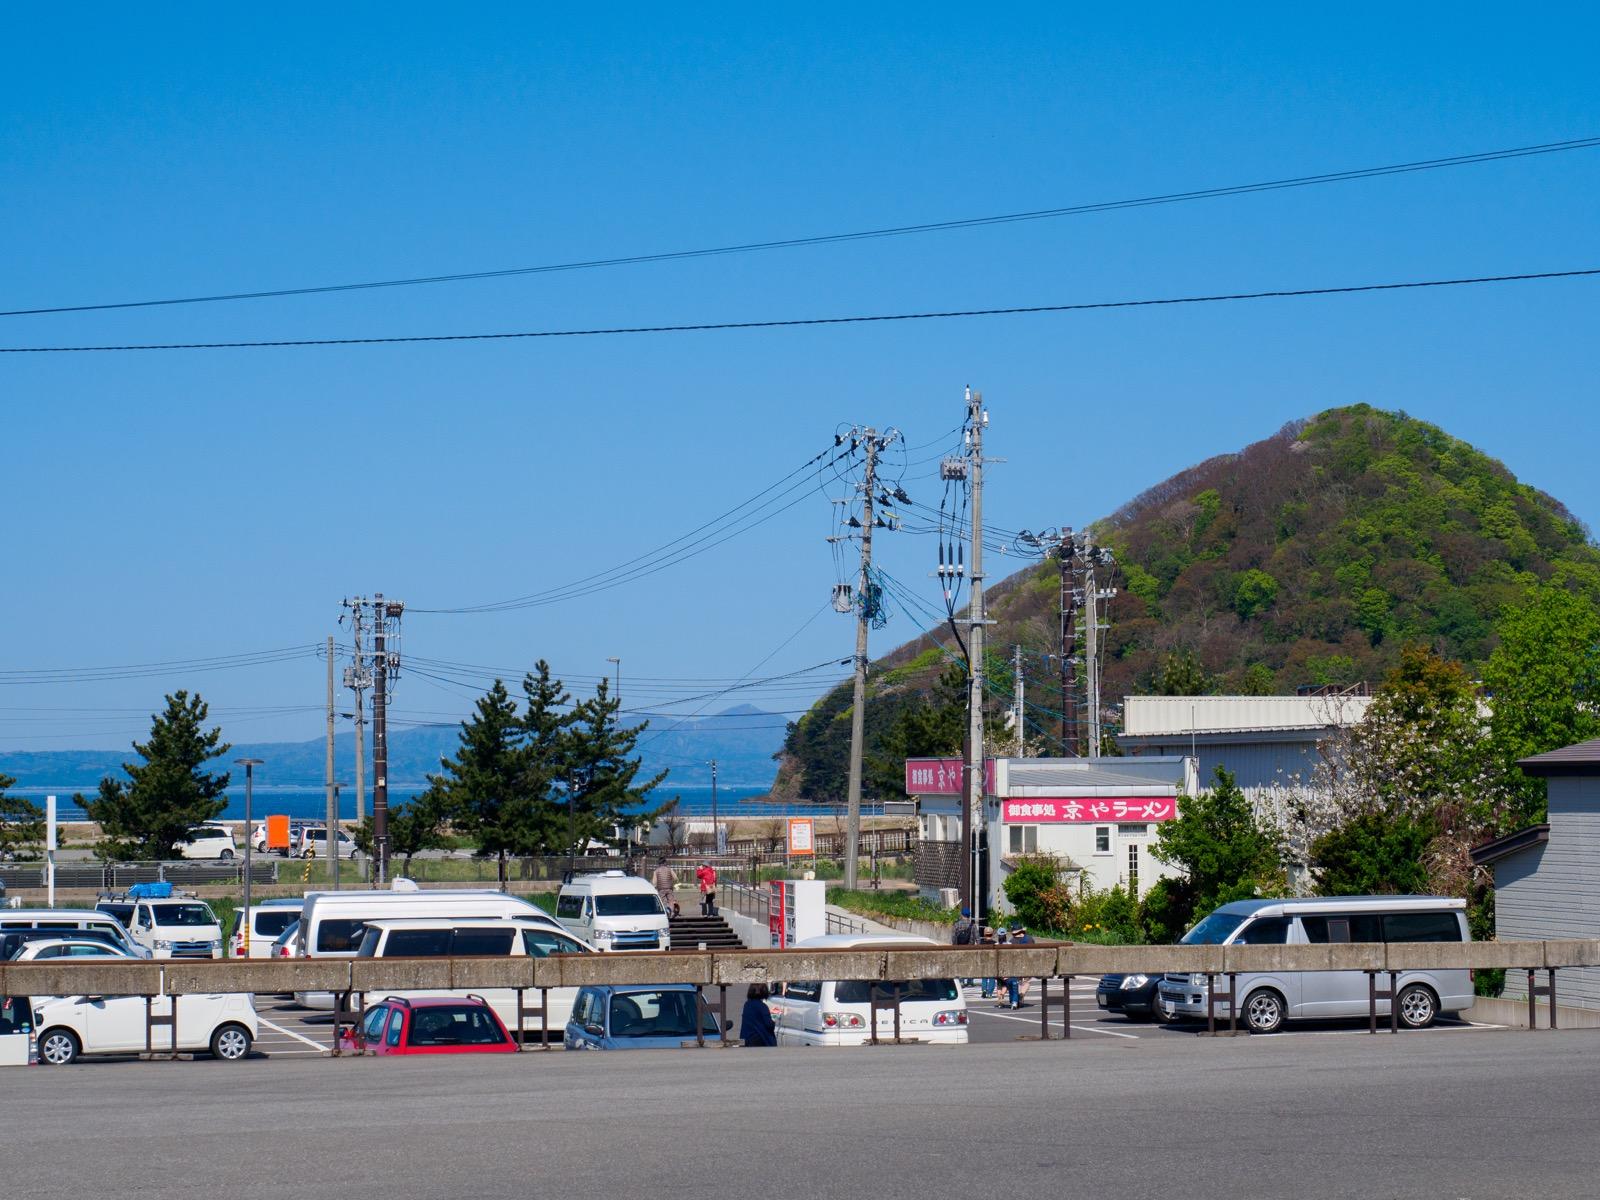 浅虫温泉駅から見た駅前と湯の島